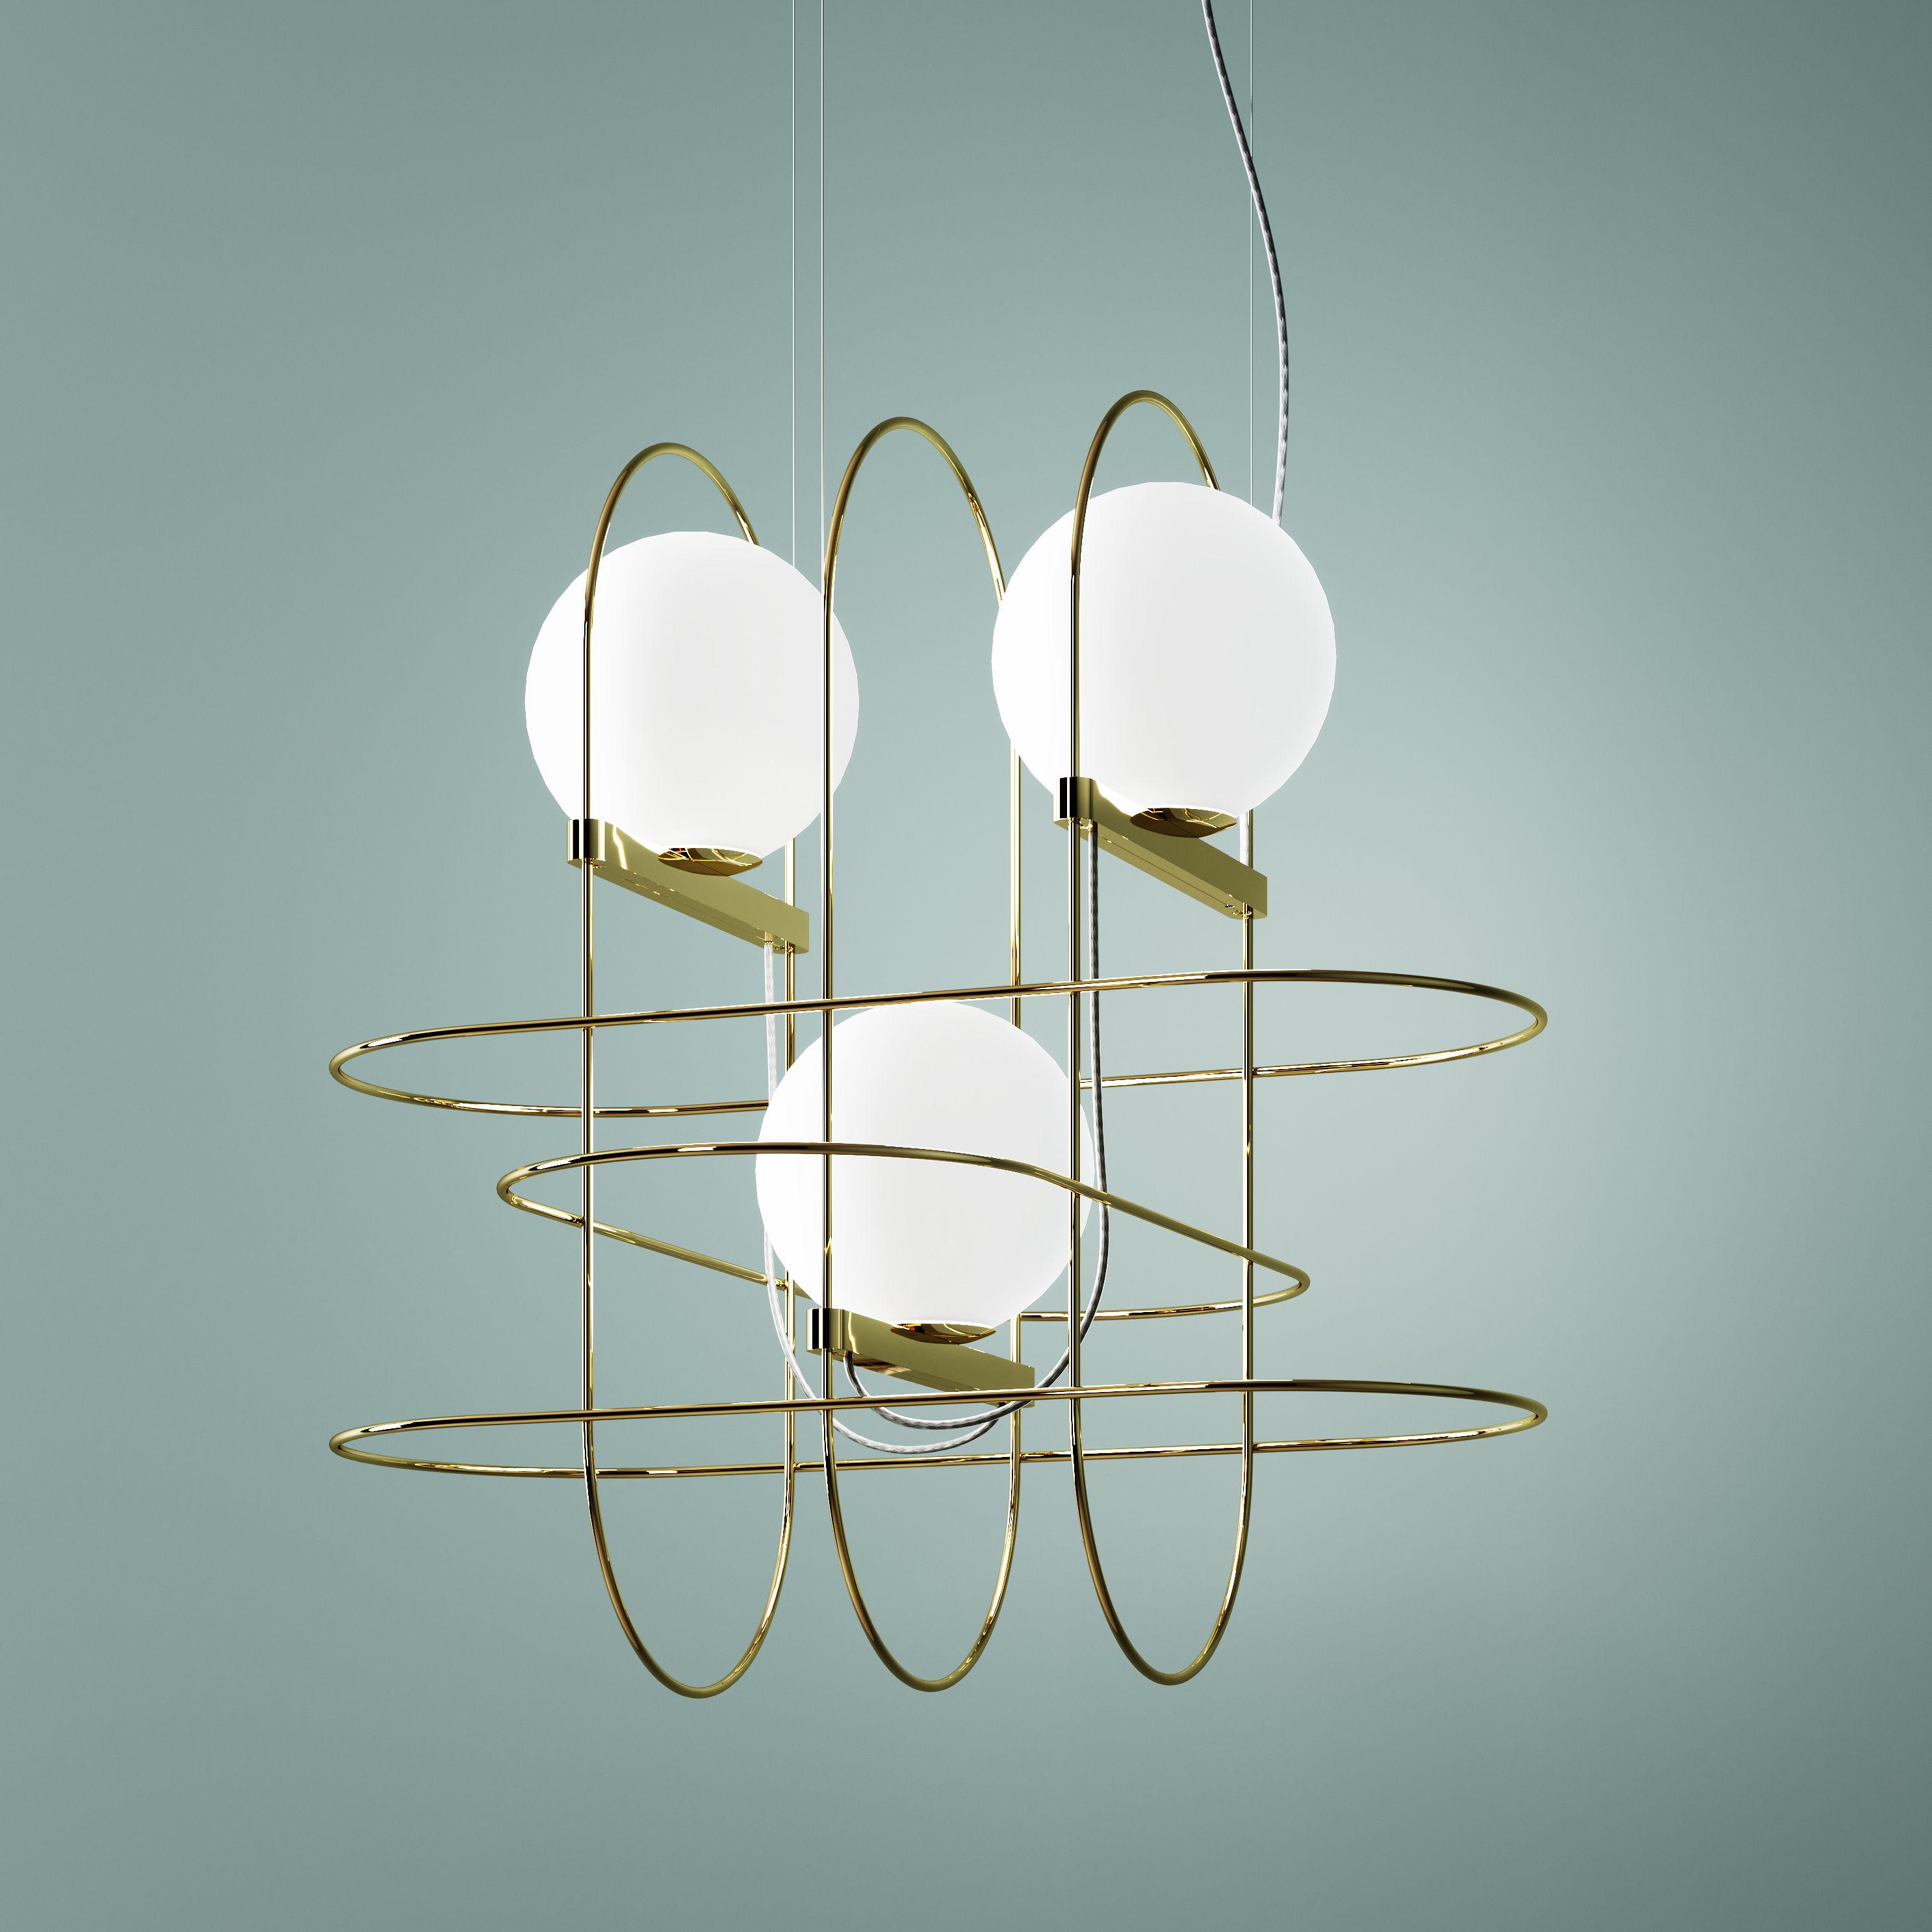 Luminaire - Suspensions - Suspension Setareh triple / LED - Larg 45 x H 45 cm - Fontana Arte - Or, Blanc - Métal, Verre soufflé bouche